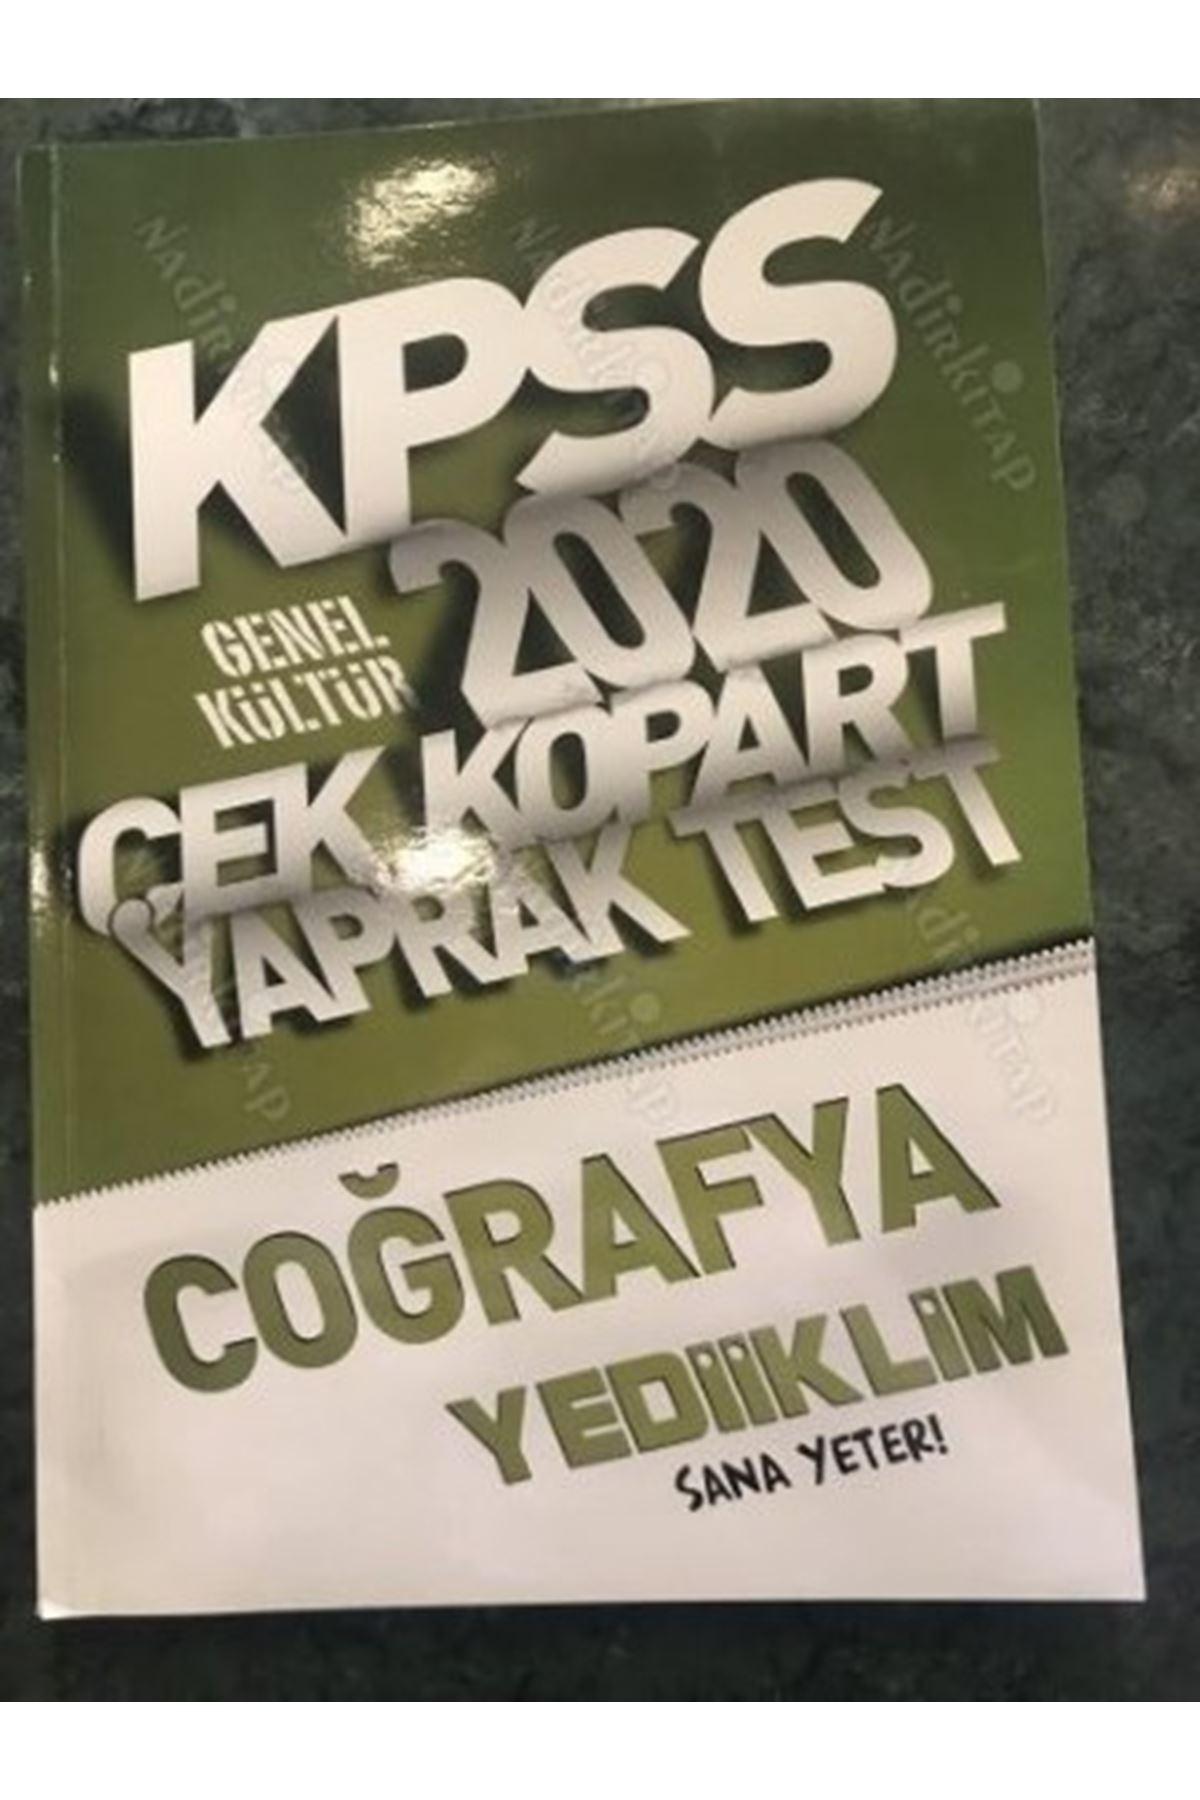 KPSS 2020 ÇEK KOPART YAPRAK TEST COĞRAFYA